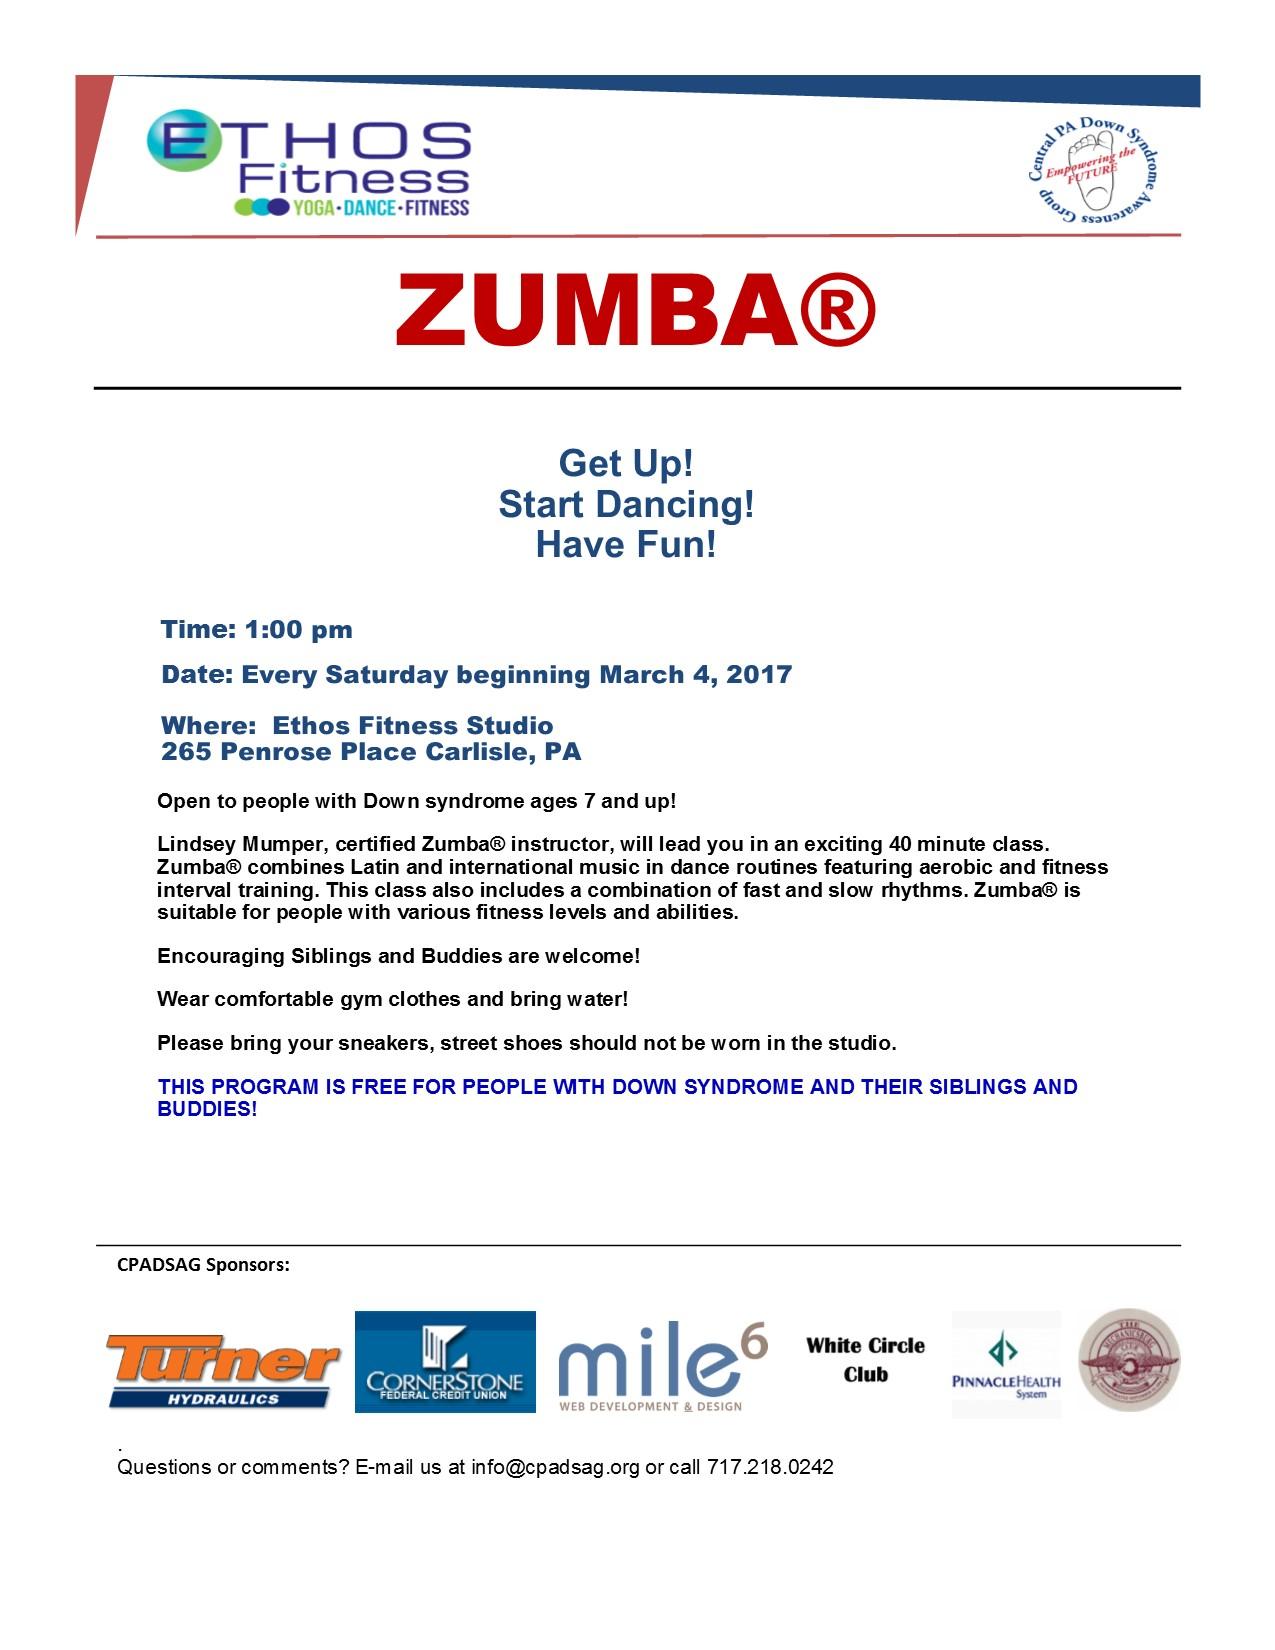 Ethos Zumba E-mail Flyer.jpg